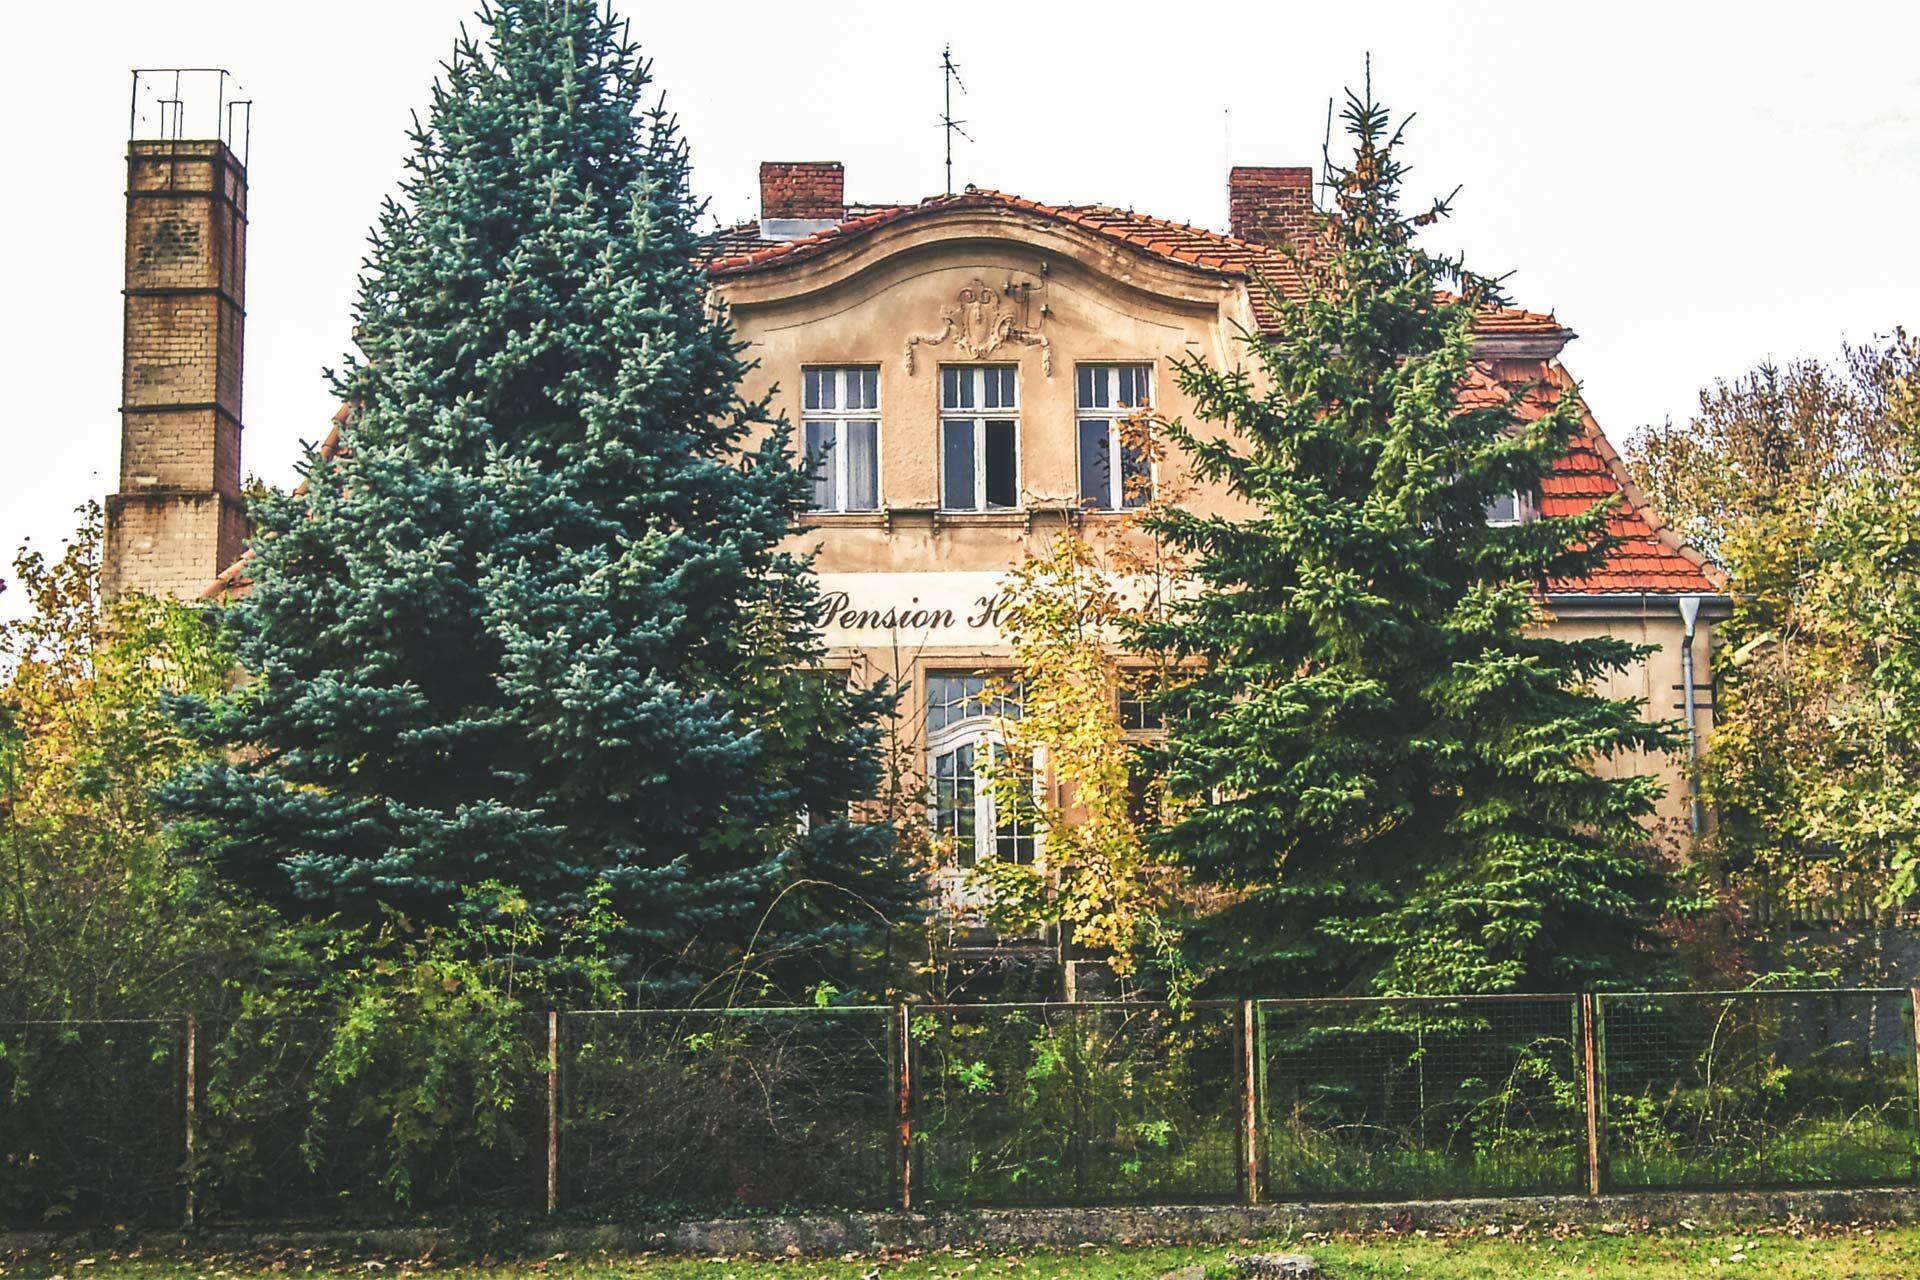 Zu DDR-Zeiten eine von den Oberen sehr gefragte Pension, heute nur noch Ruine. Naja, wird den meisten Oberen von damals auch nicht anders gehen.